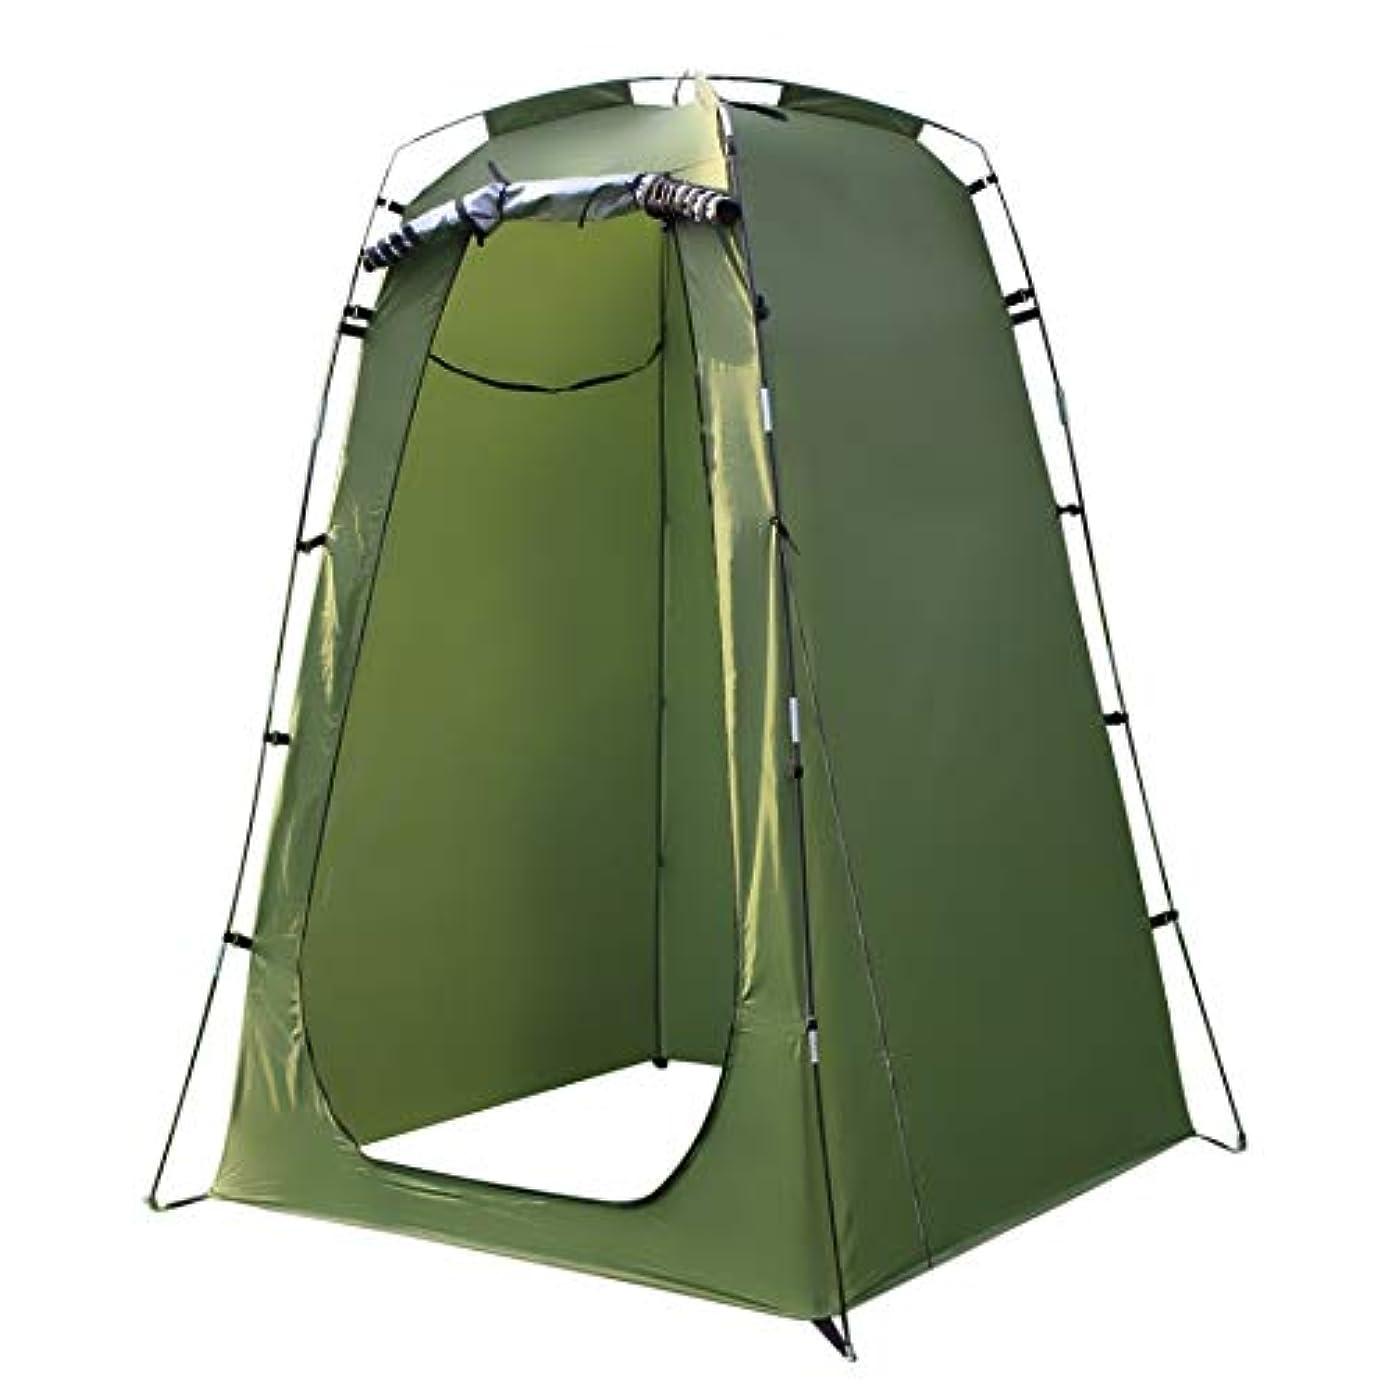 再発する前兆お風呂防水屋外10トン ルームのためのキャンプトイレシャワービーチ耐UVを変更するシャワー6FTプライバシー屋外ポータブルシャワートイレキャンプのテント (Color : Green)